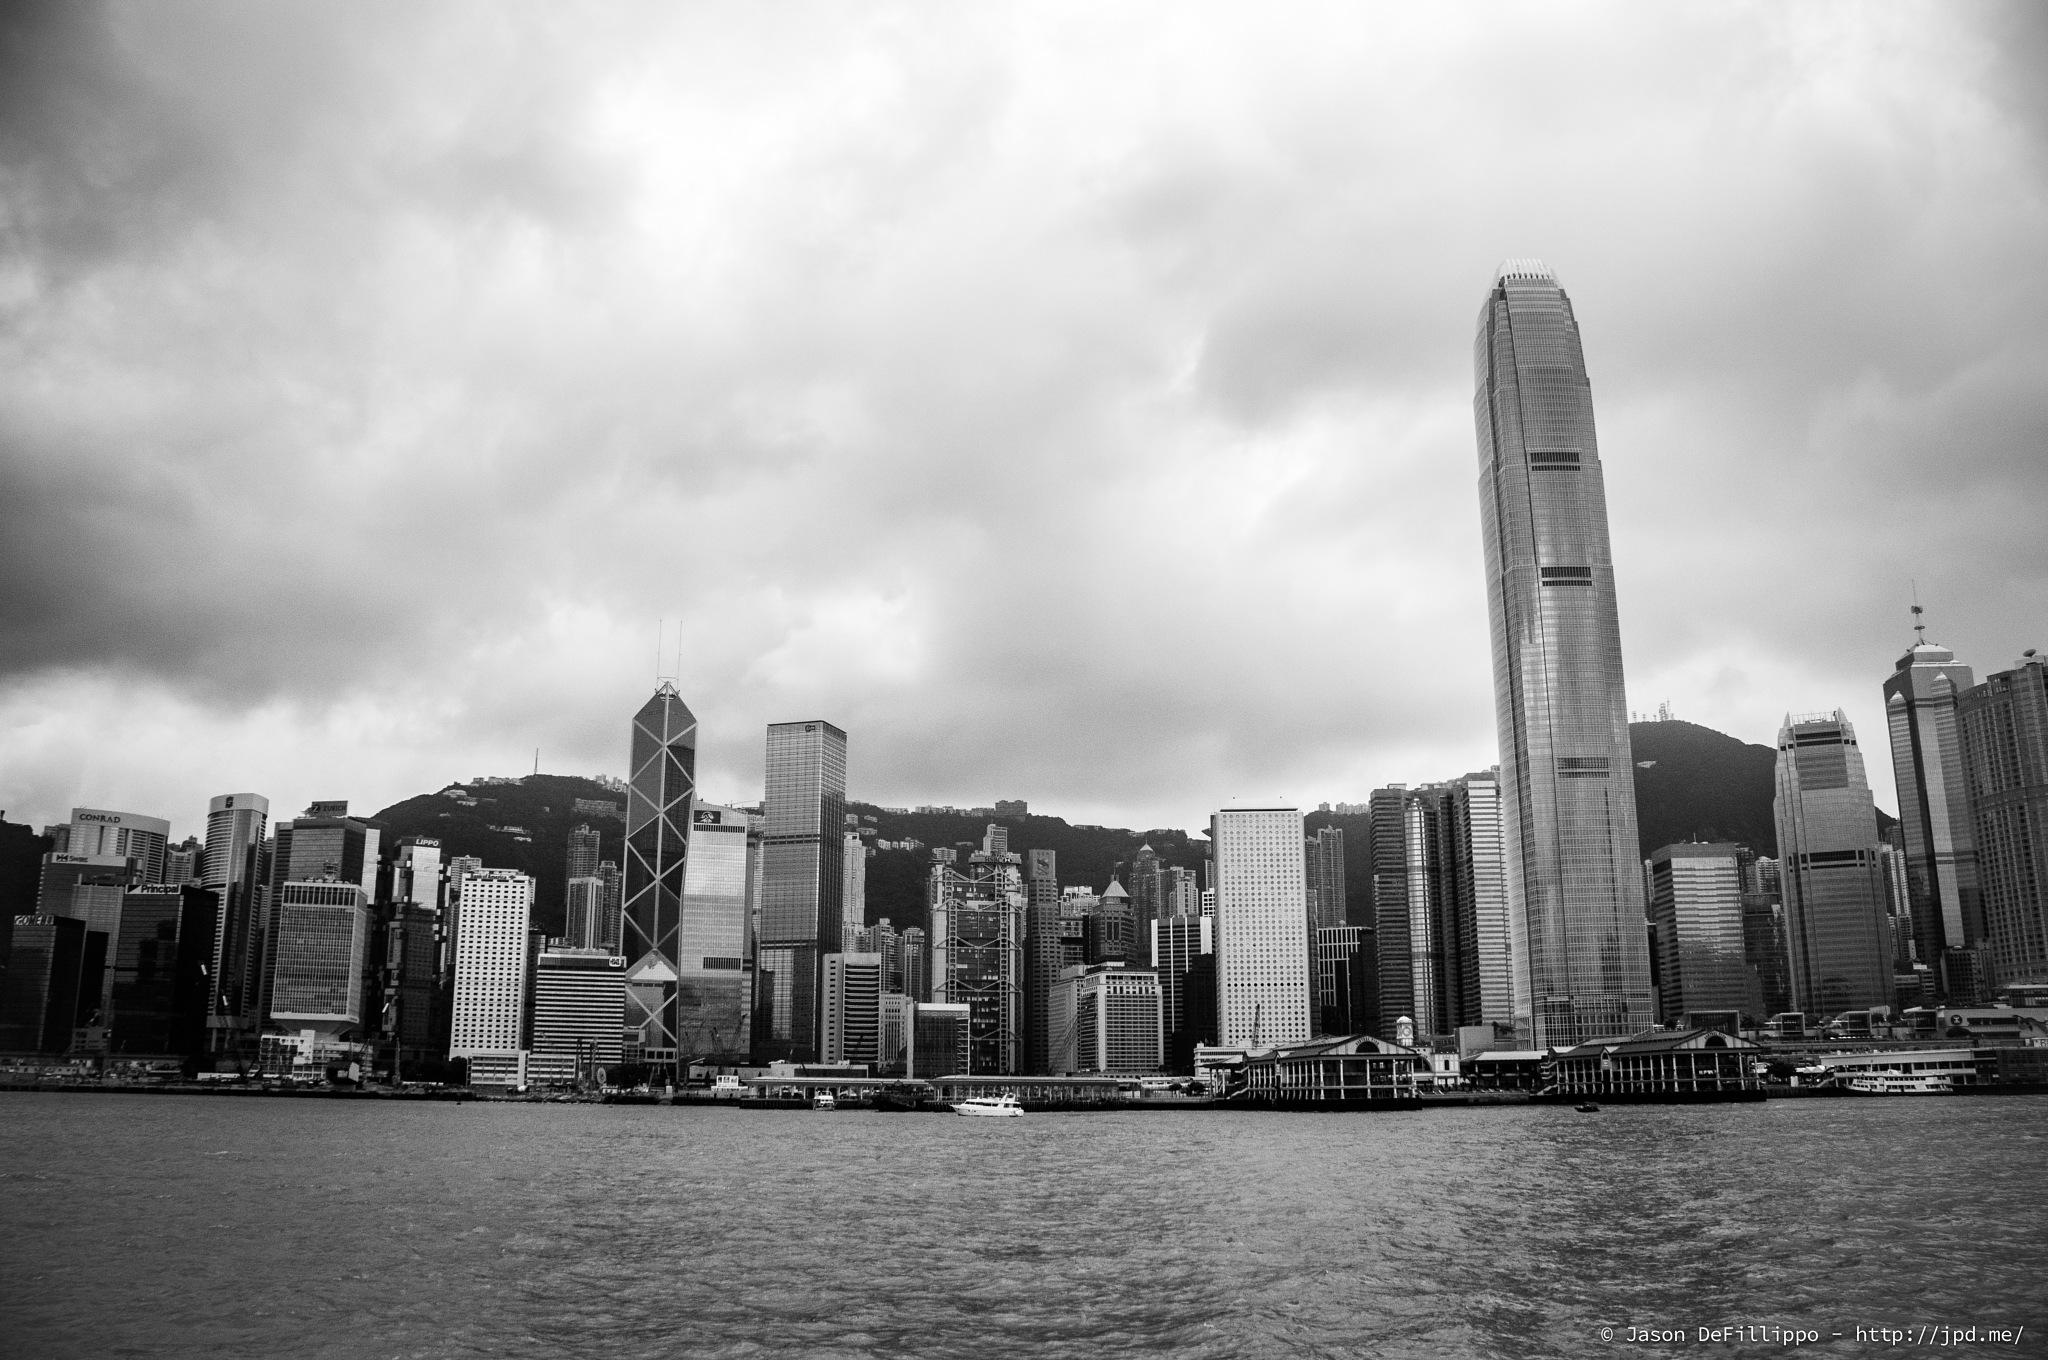 Hong Kong by J.P.DeFillippo